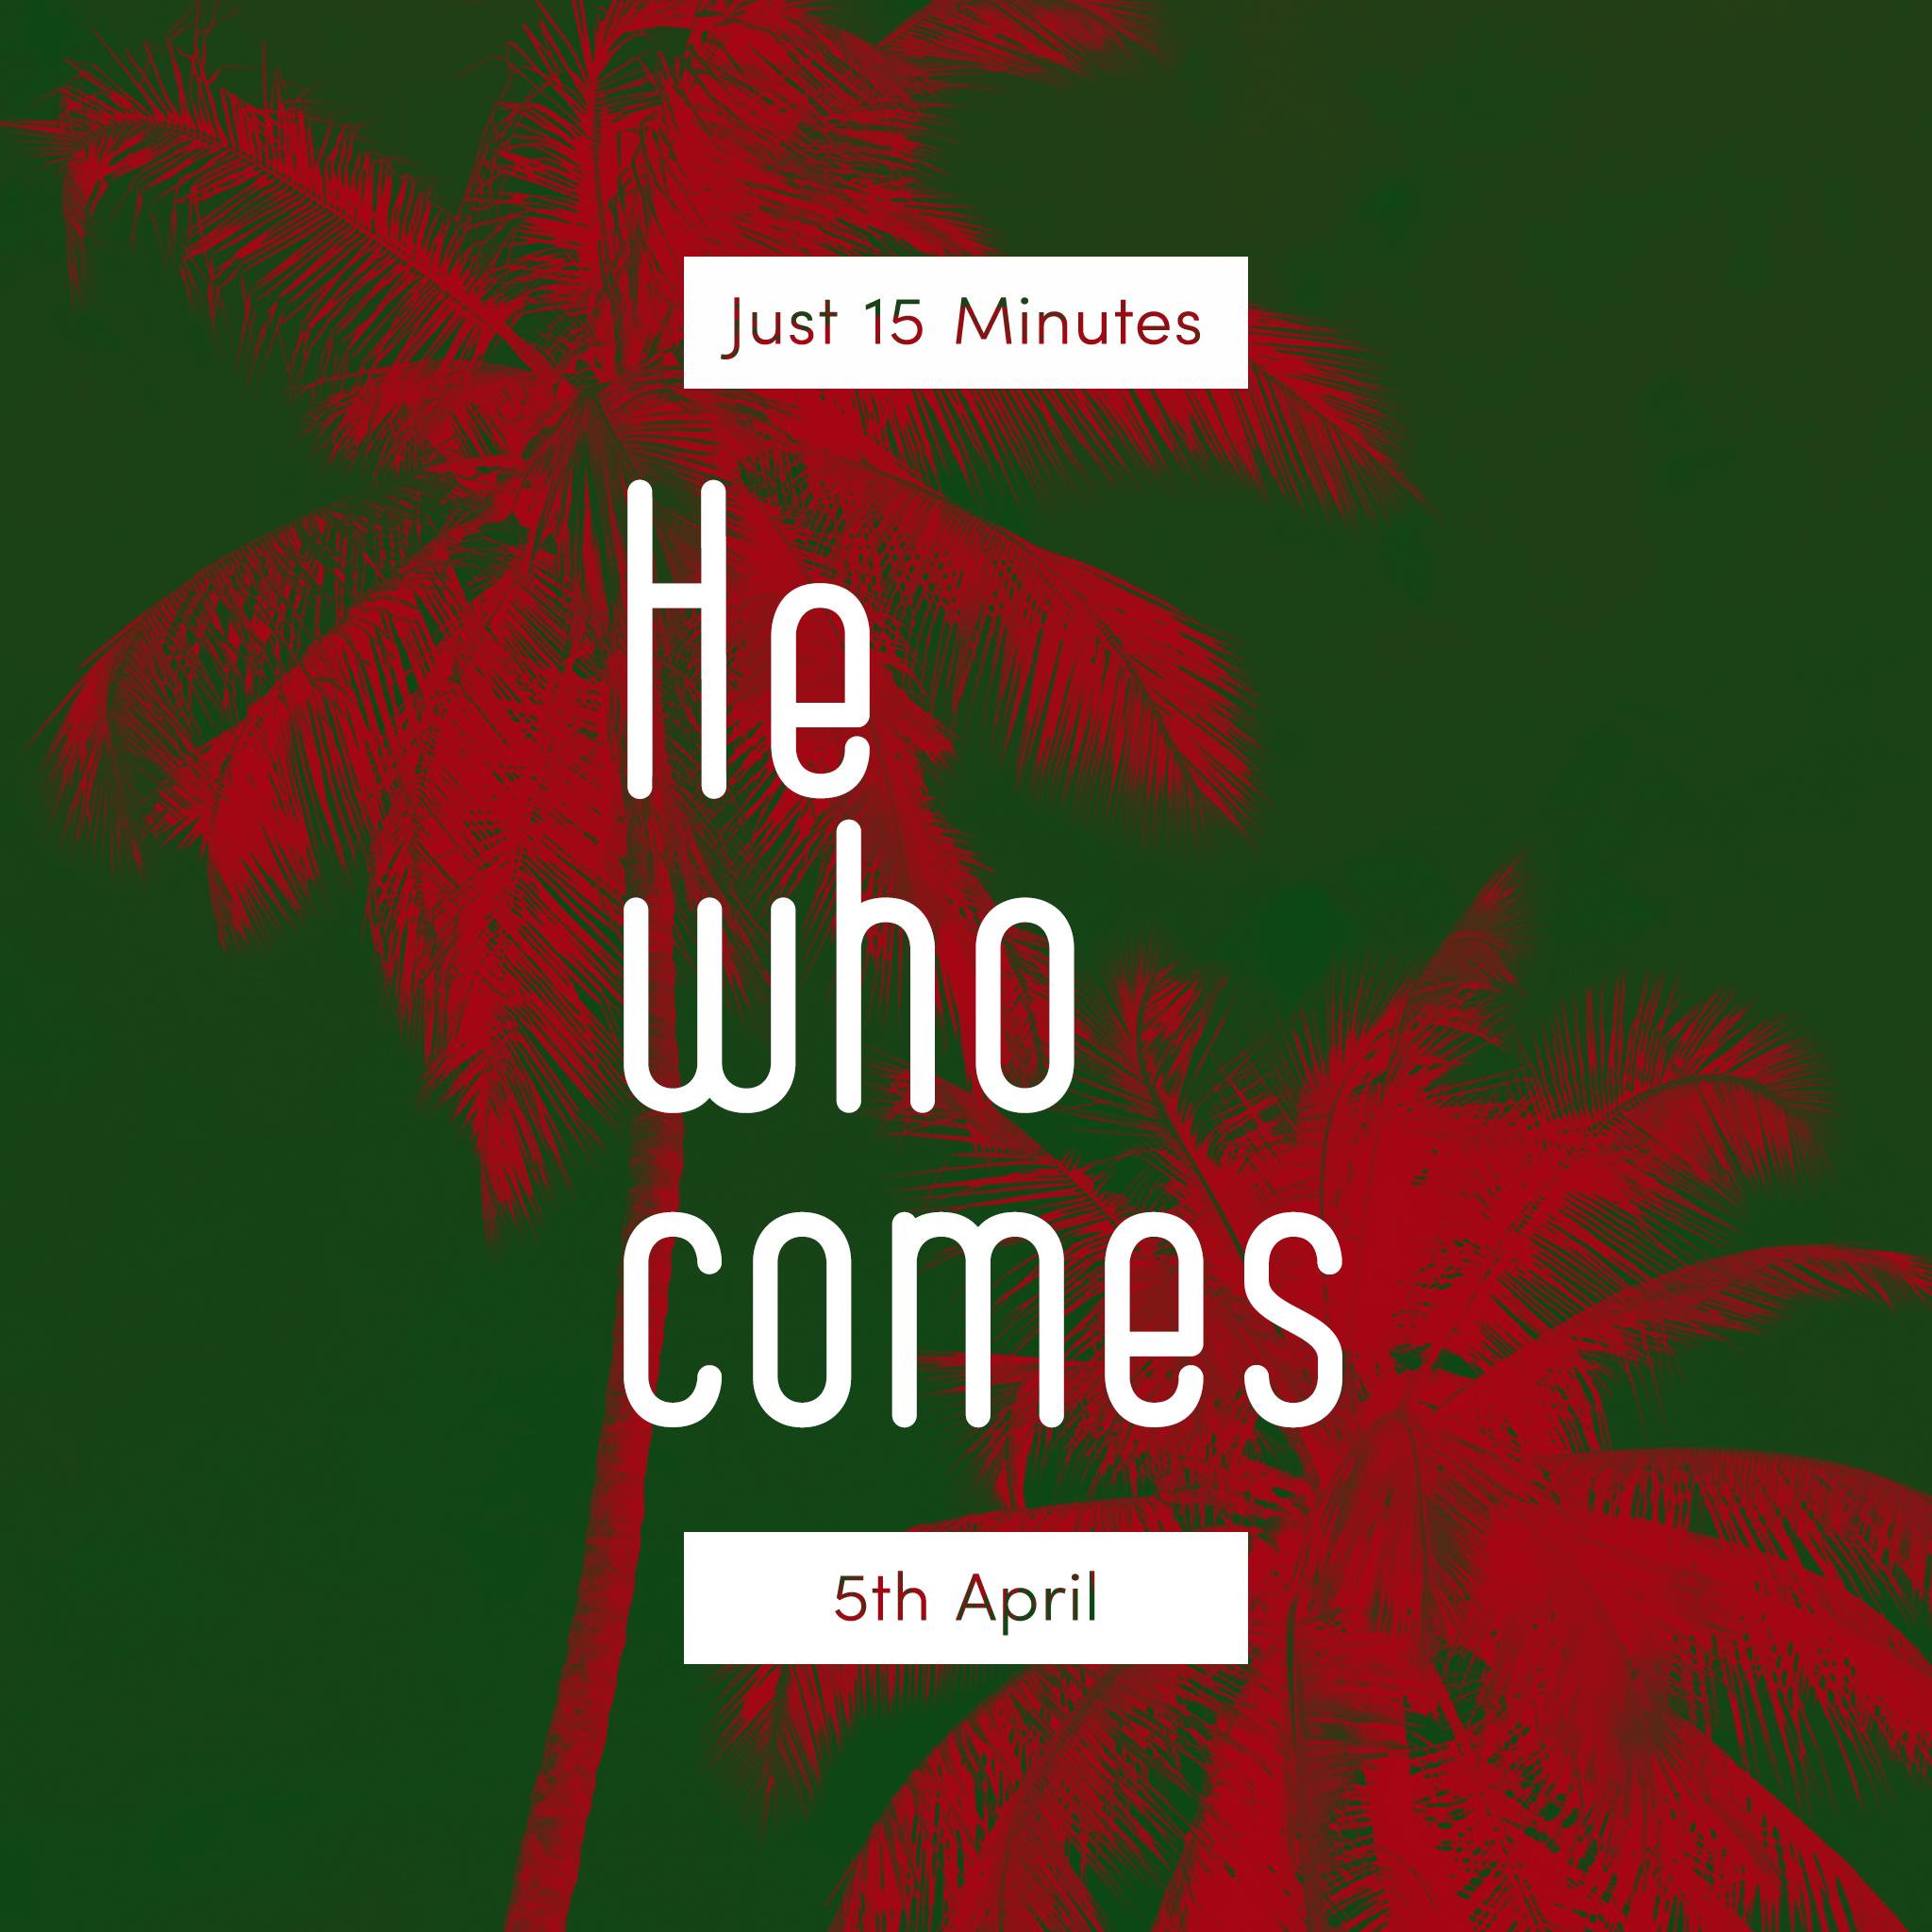 5th April - Just 15 Minutes